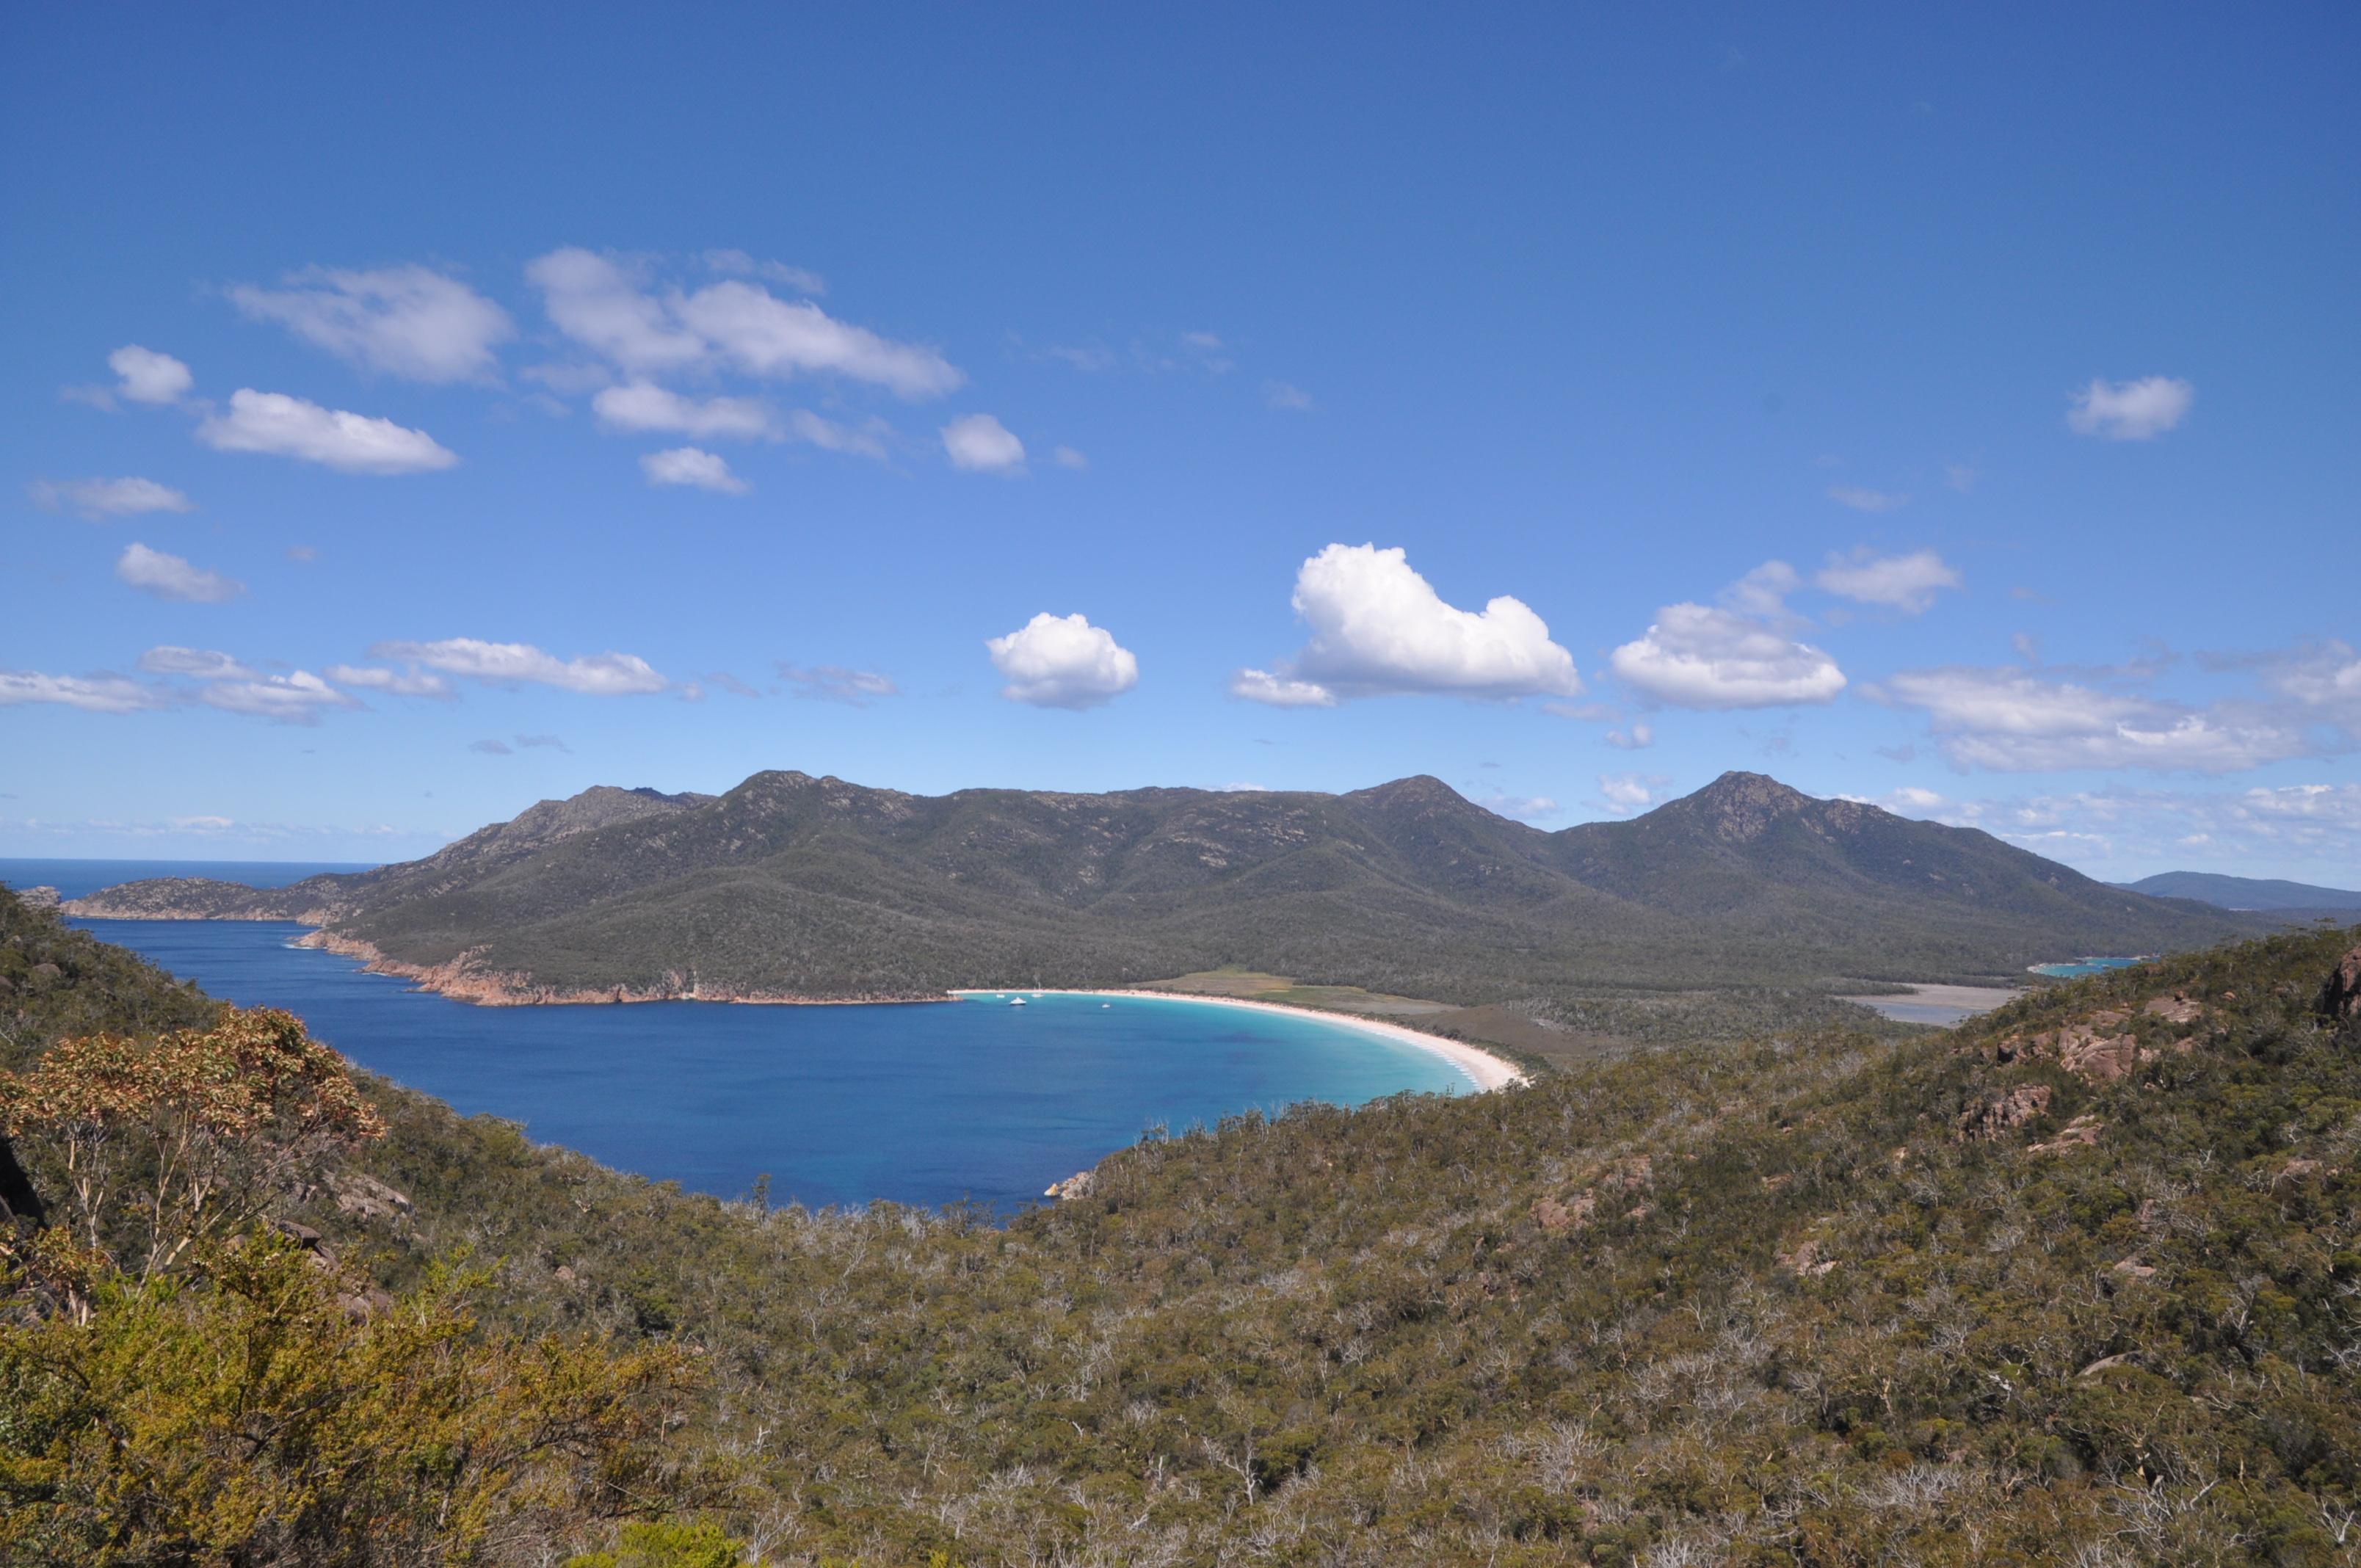 澳洲 塔斯。生蠔農場 & 酒杯灣 Tasmania Oyster farm & Wineglass Bay – Adventurous Grace